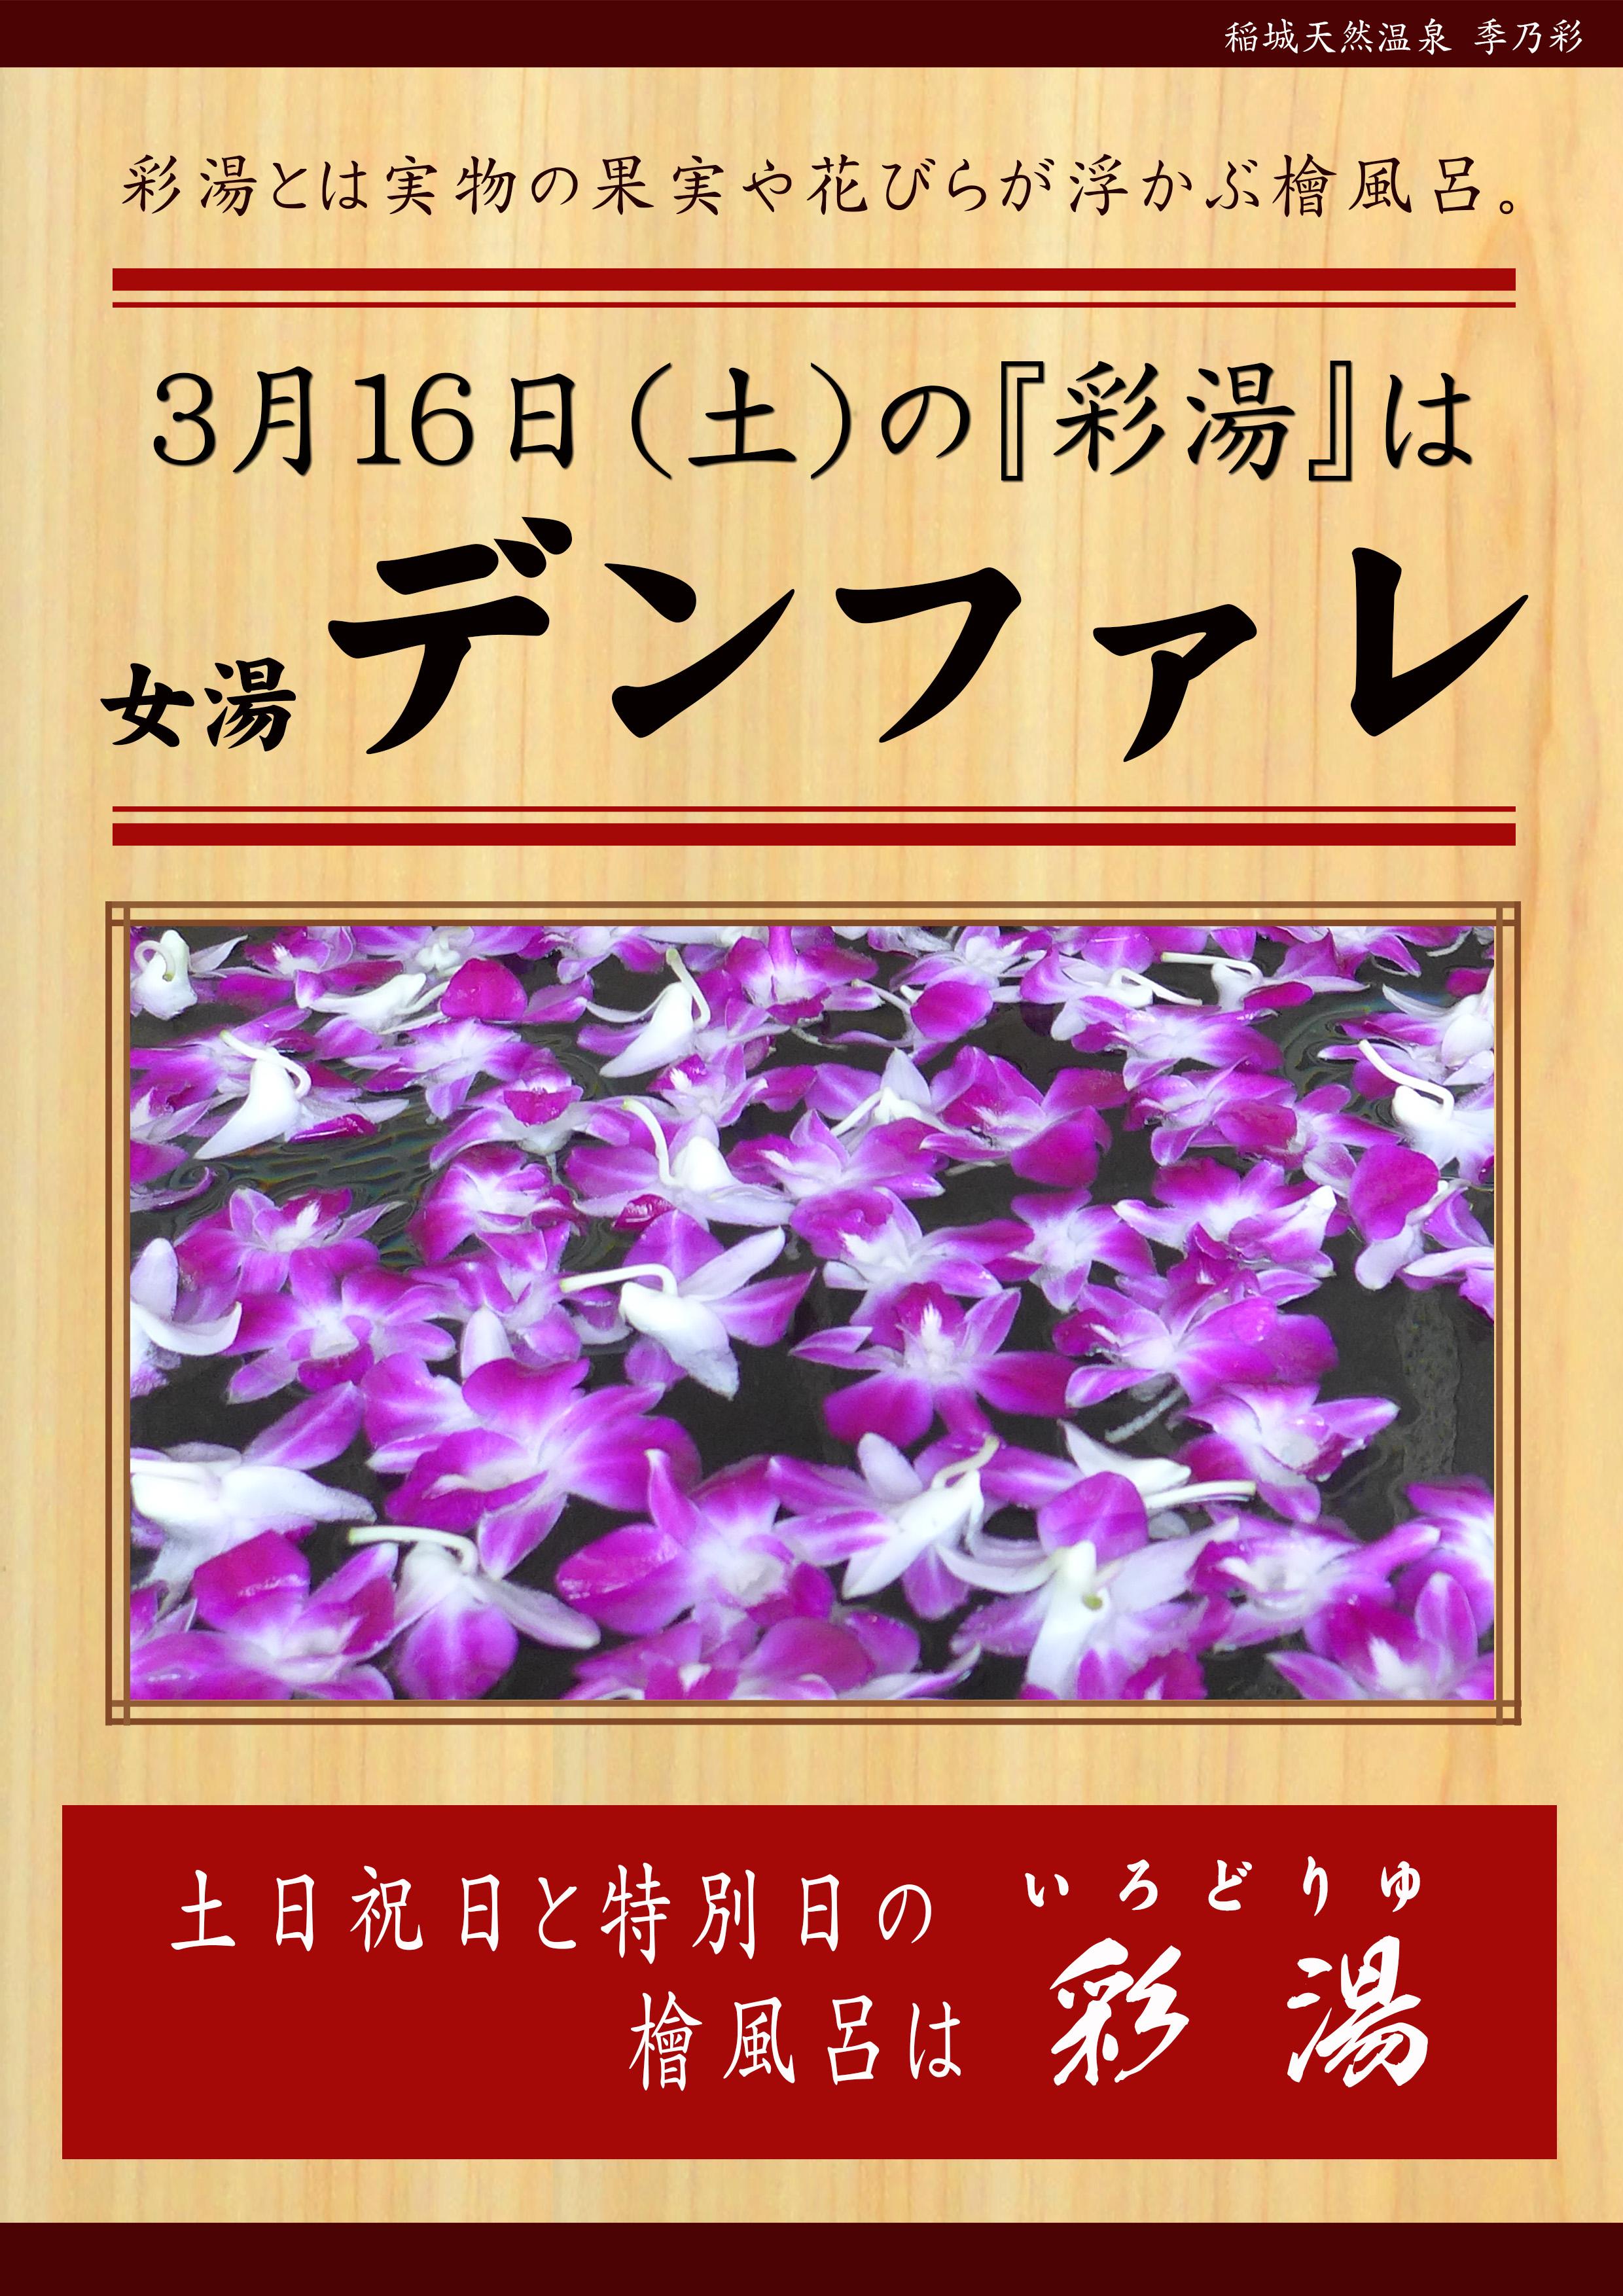 20190316POP イベント 彩湯 女湯 デンファレ